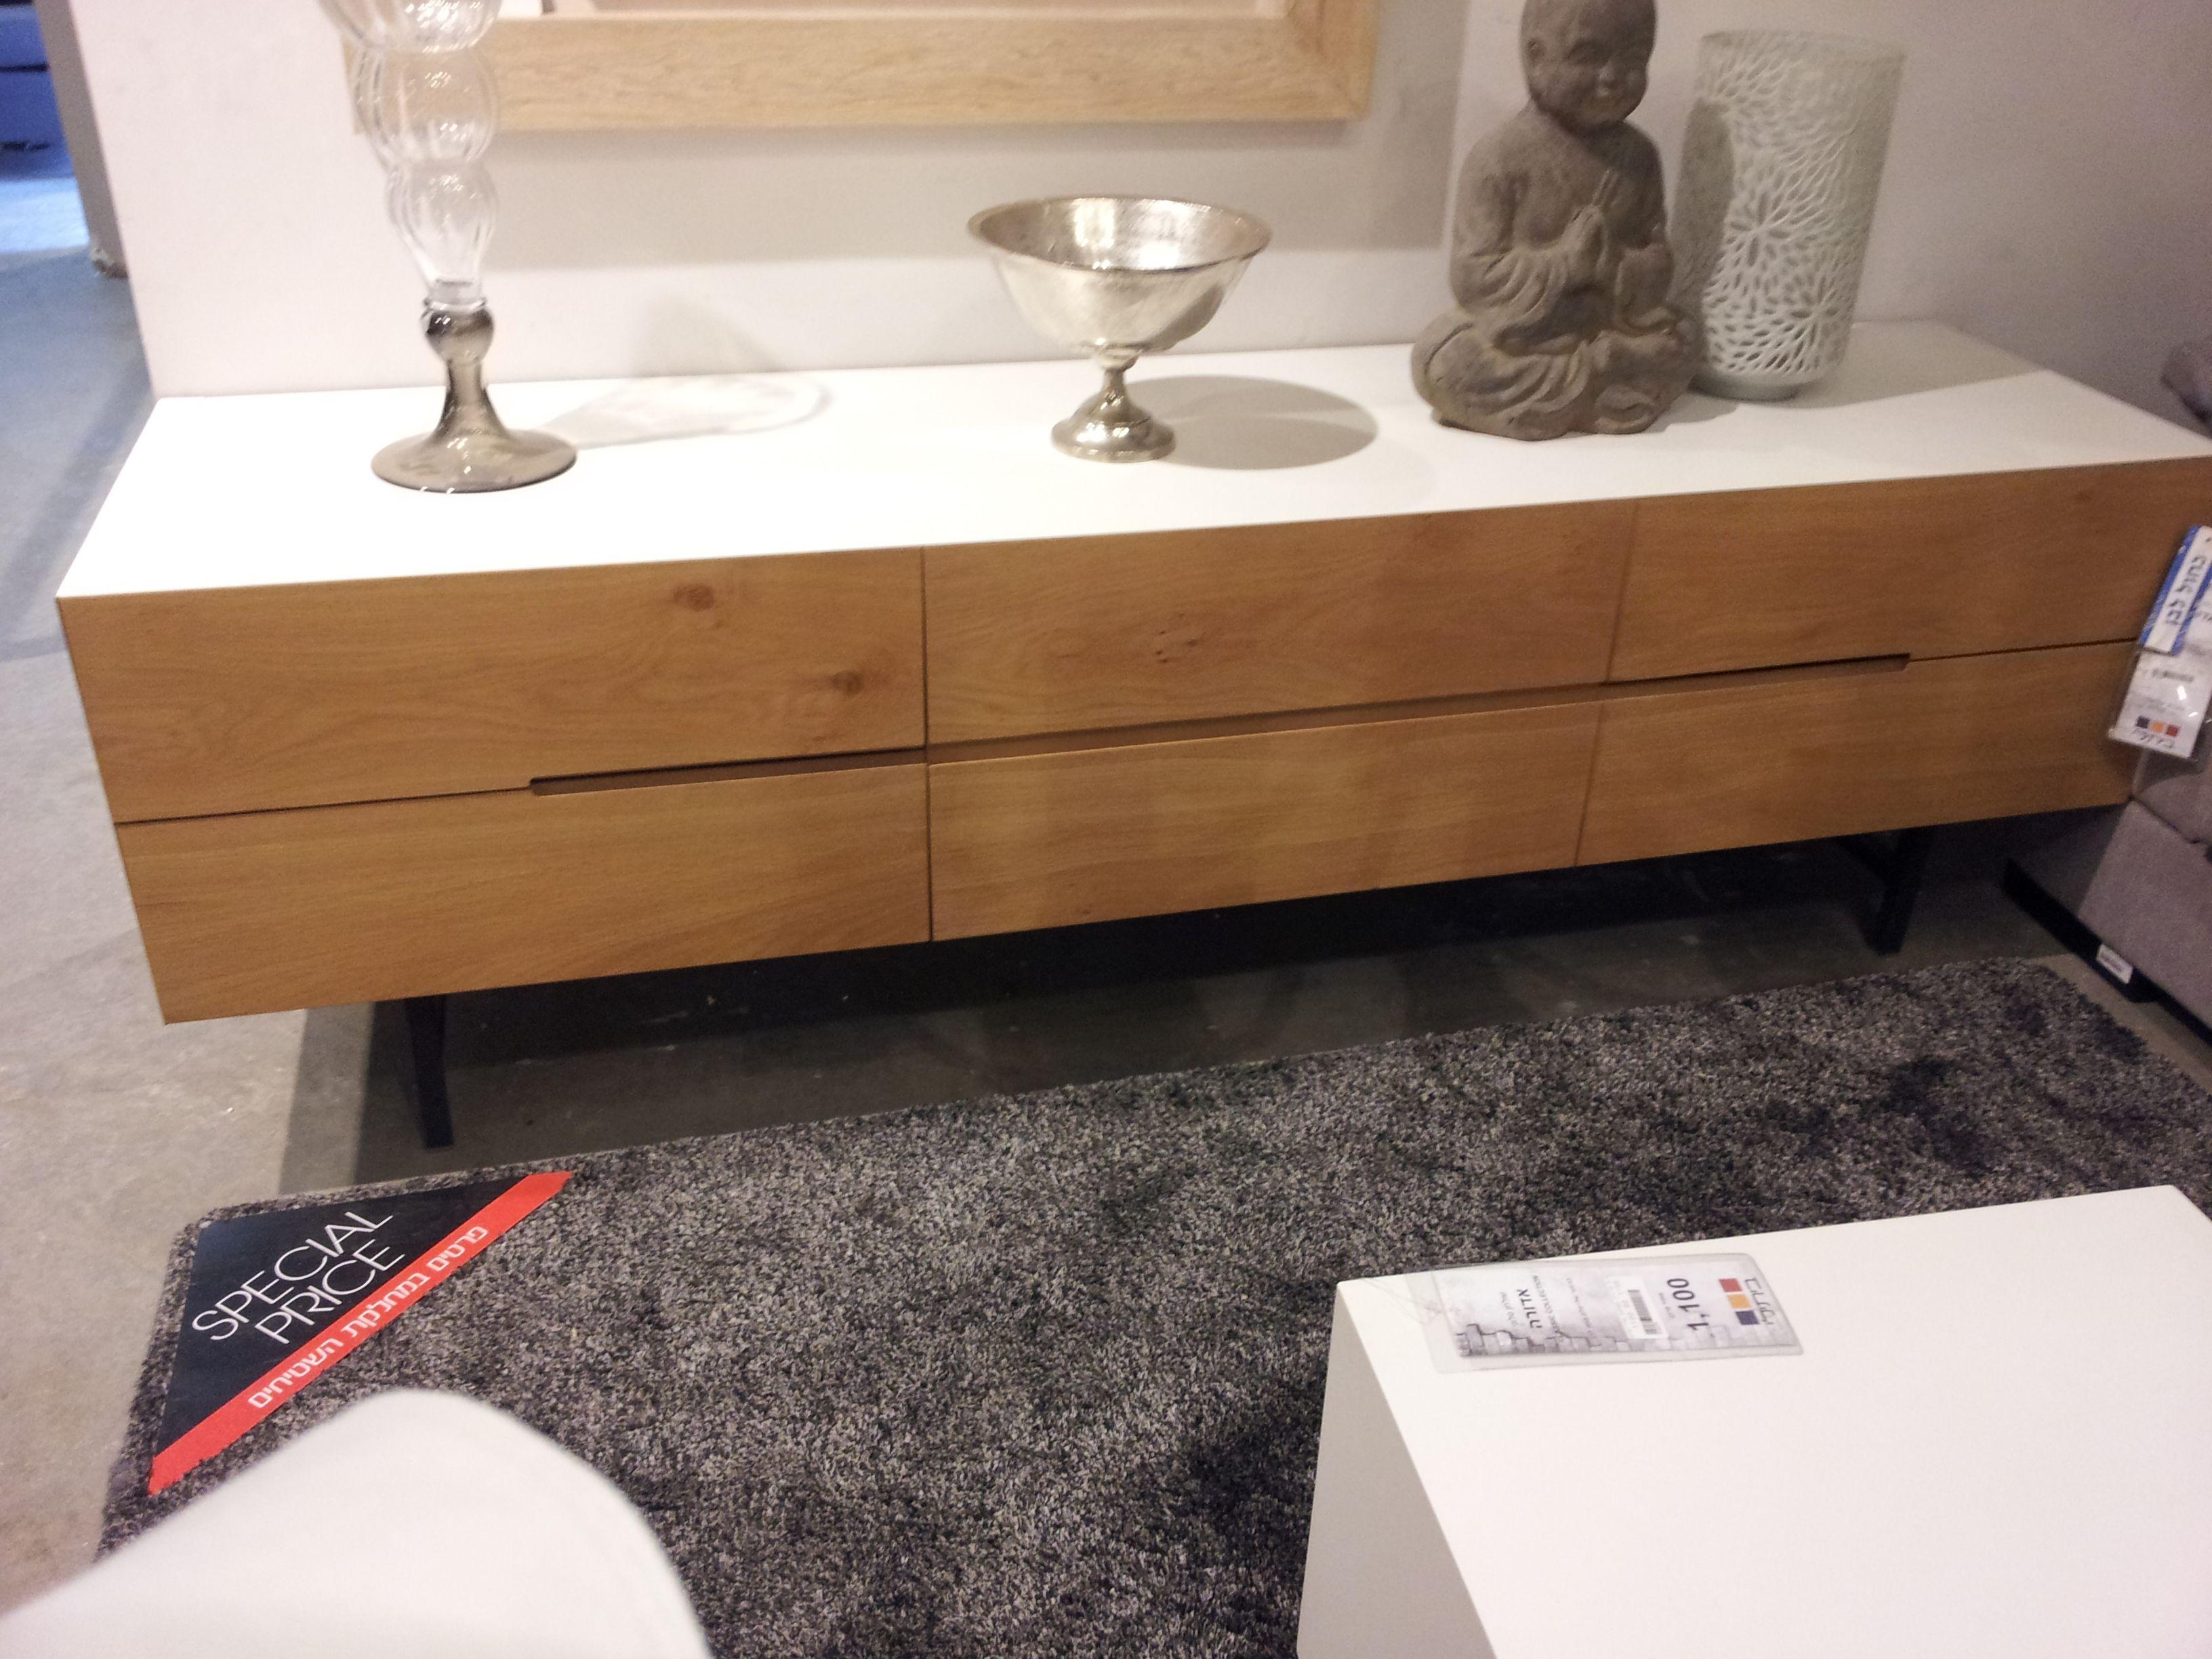 עדכון מעודכן שידת טלויזיה (באסף עיצובים) | עיצוב הבית | Bathroom, Vanity FC-01